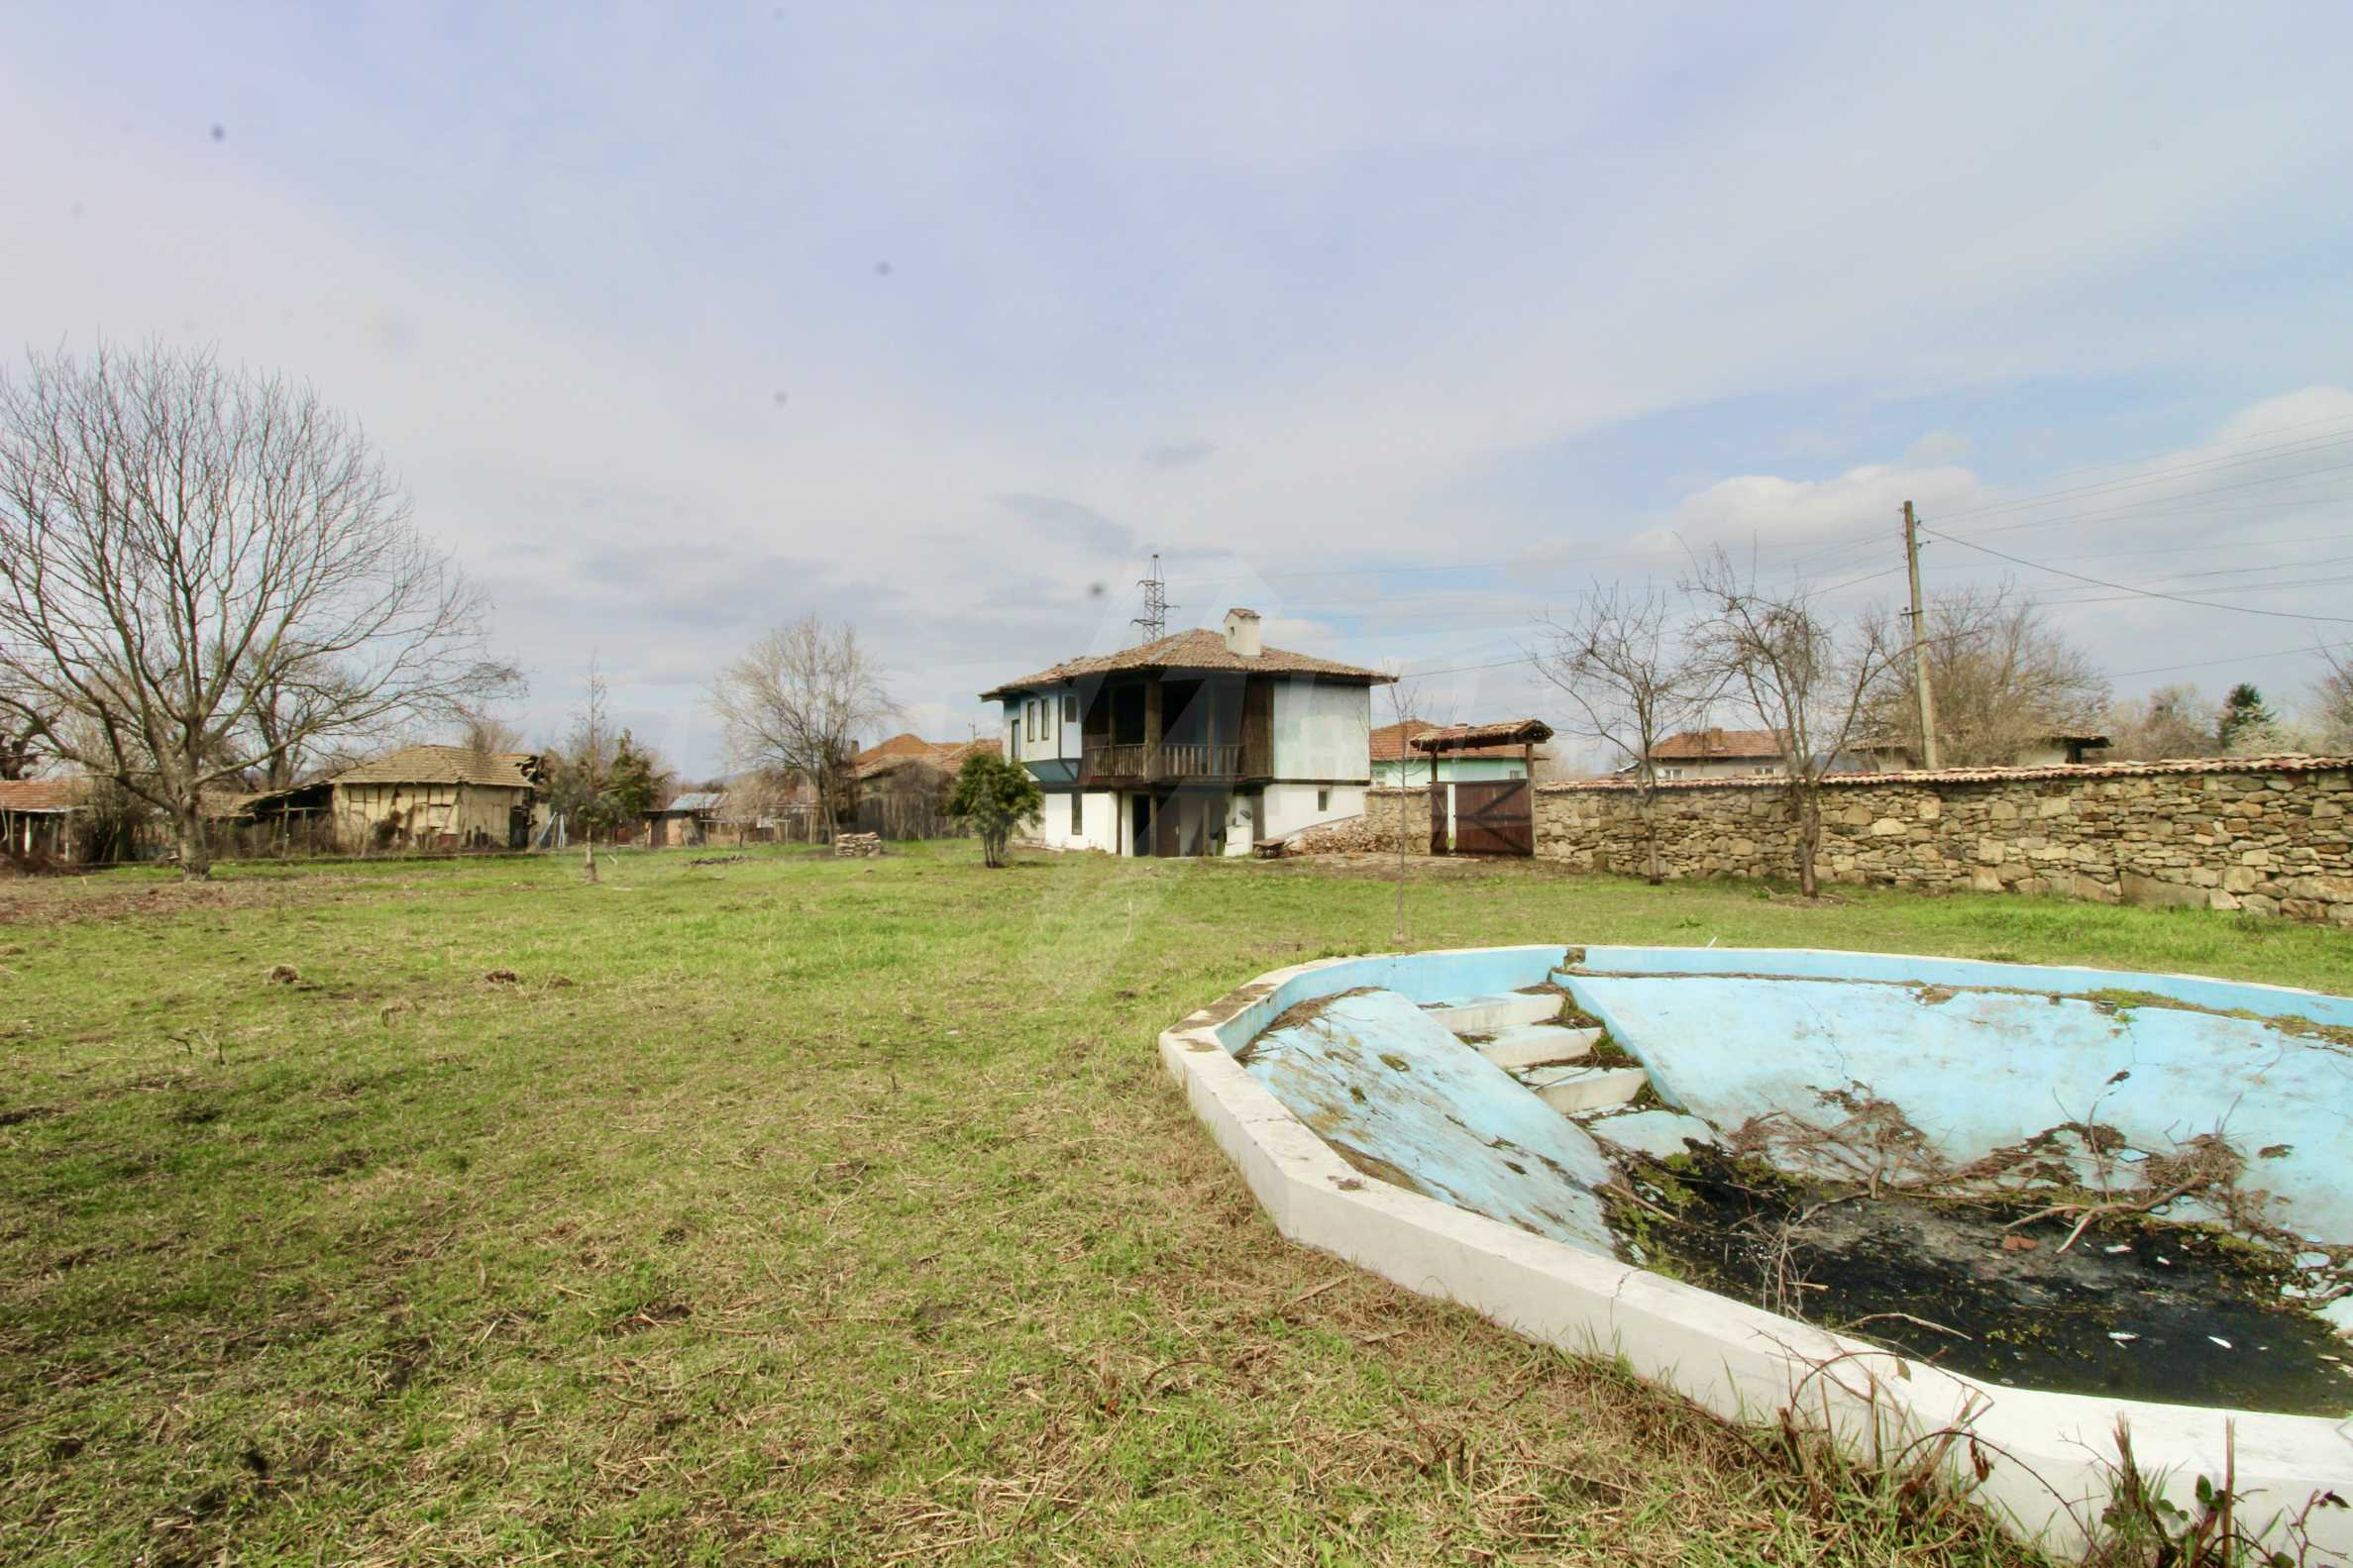 Двуетажна къща с голпм двор в село на 30 км от Велико Търново  27